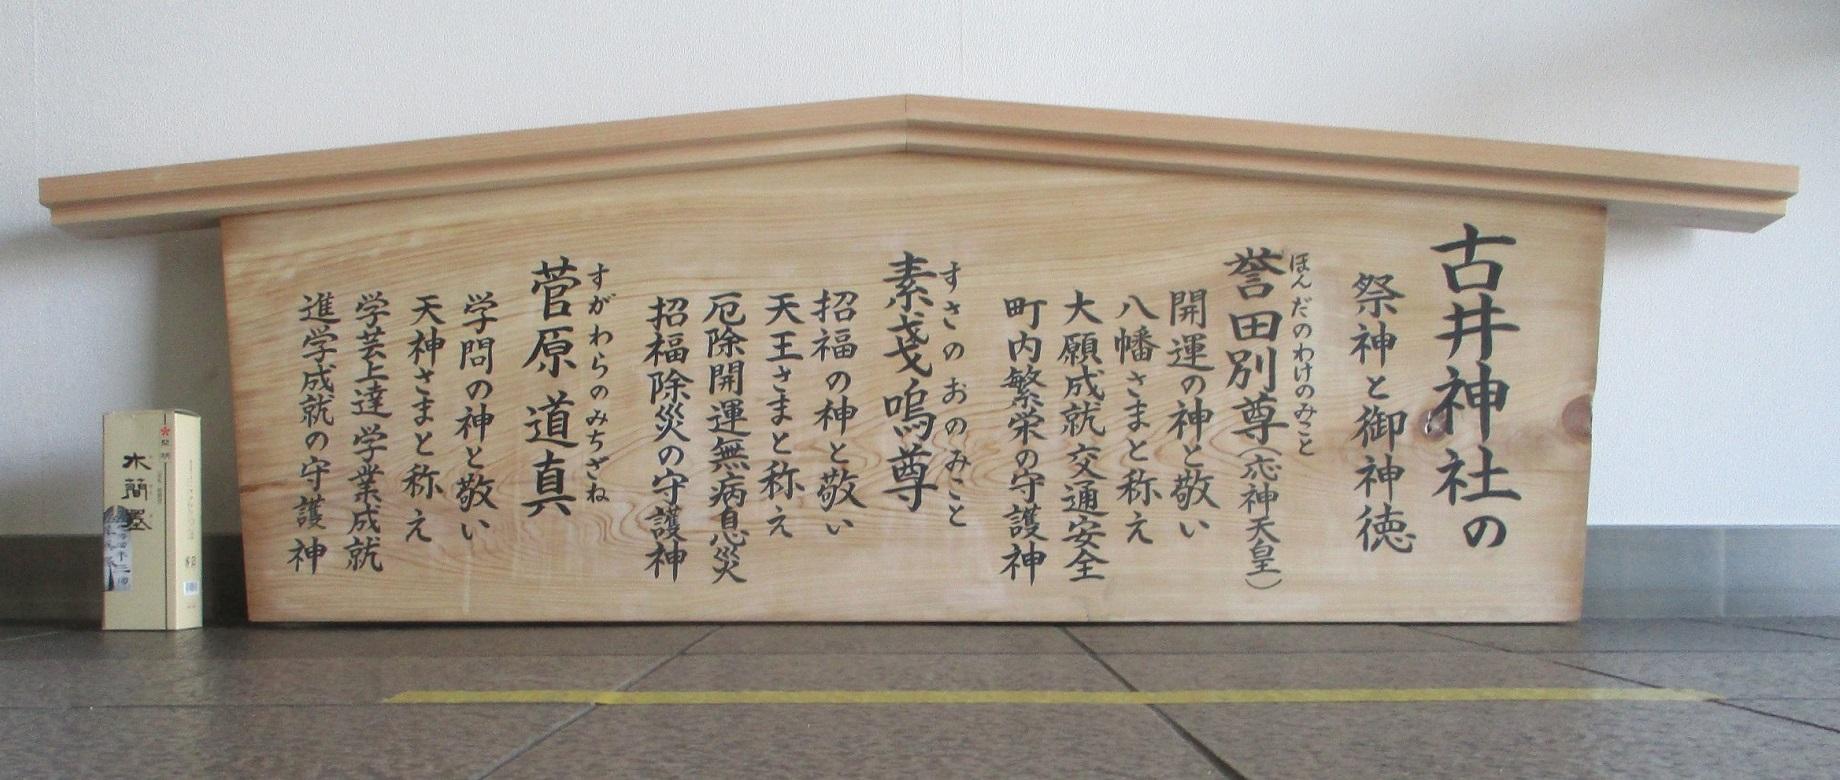 2020.6.17 (1) 古井神社の表札 1840-780